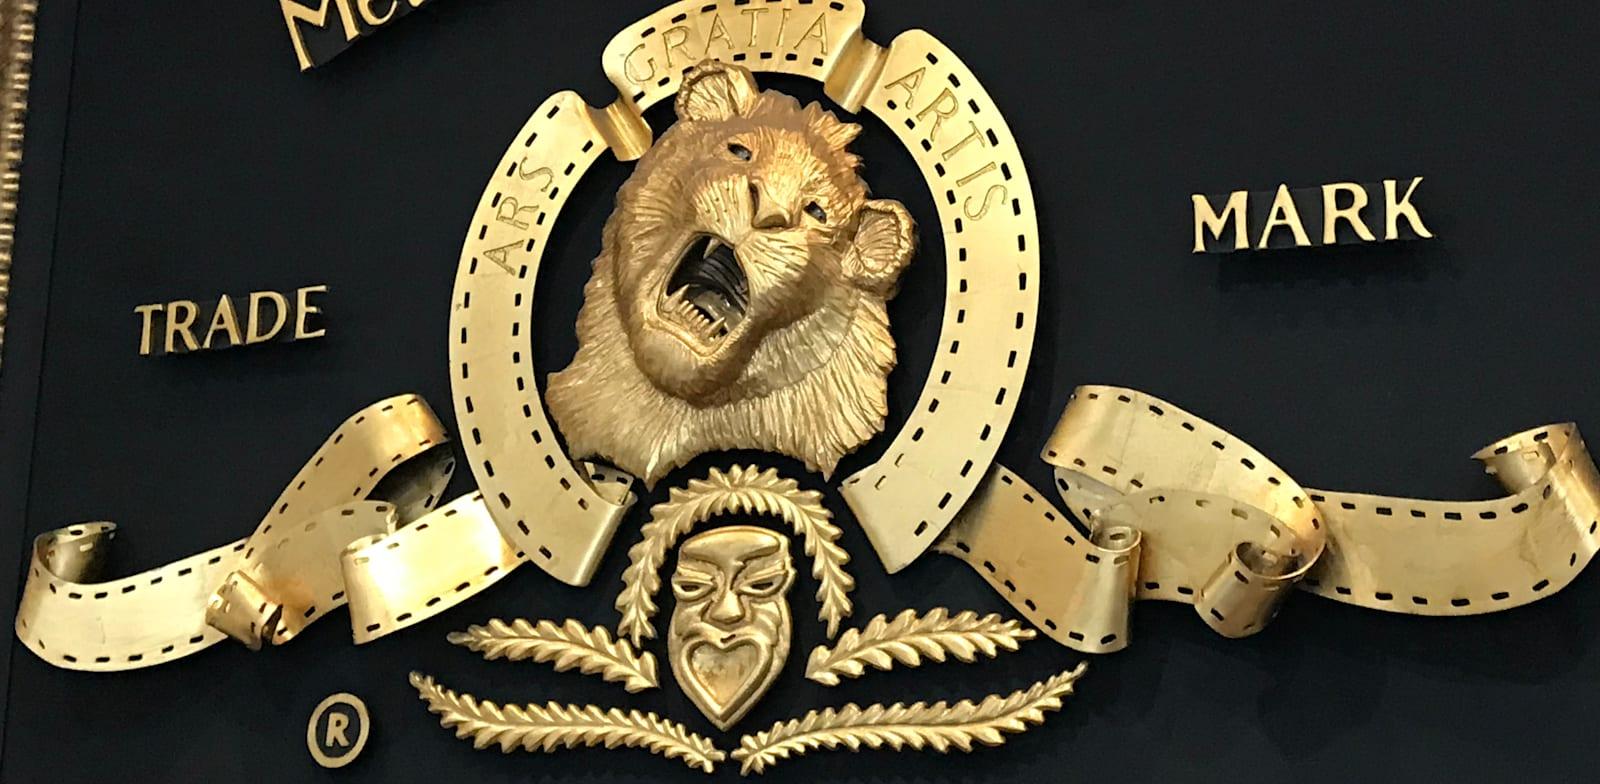 לוגו MGM / צילום: Shutterstock, Alex Millauer